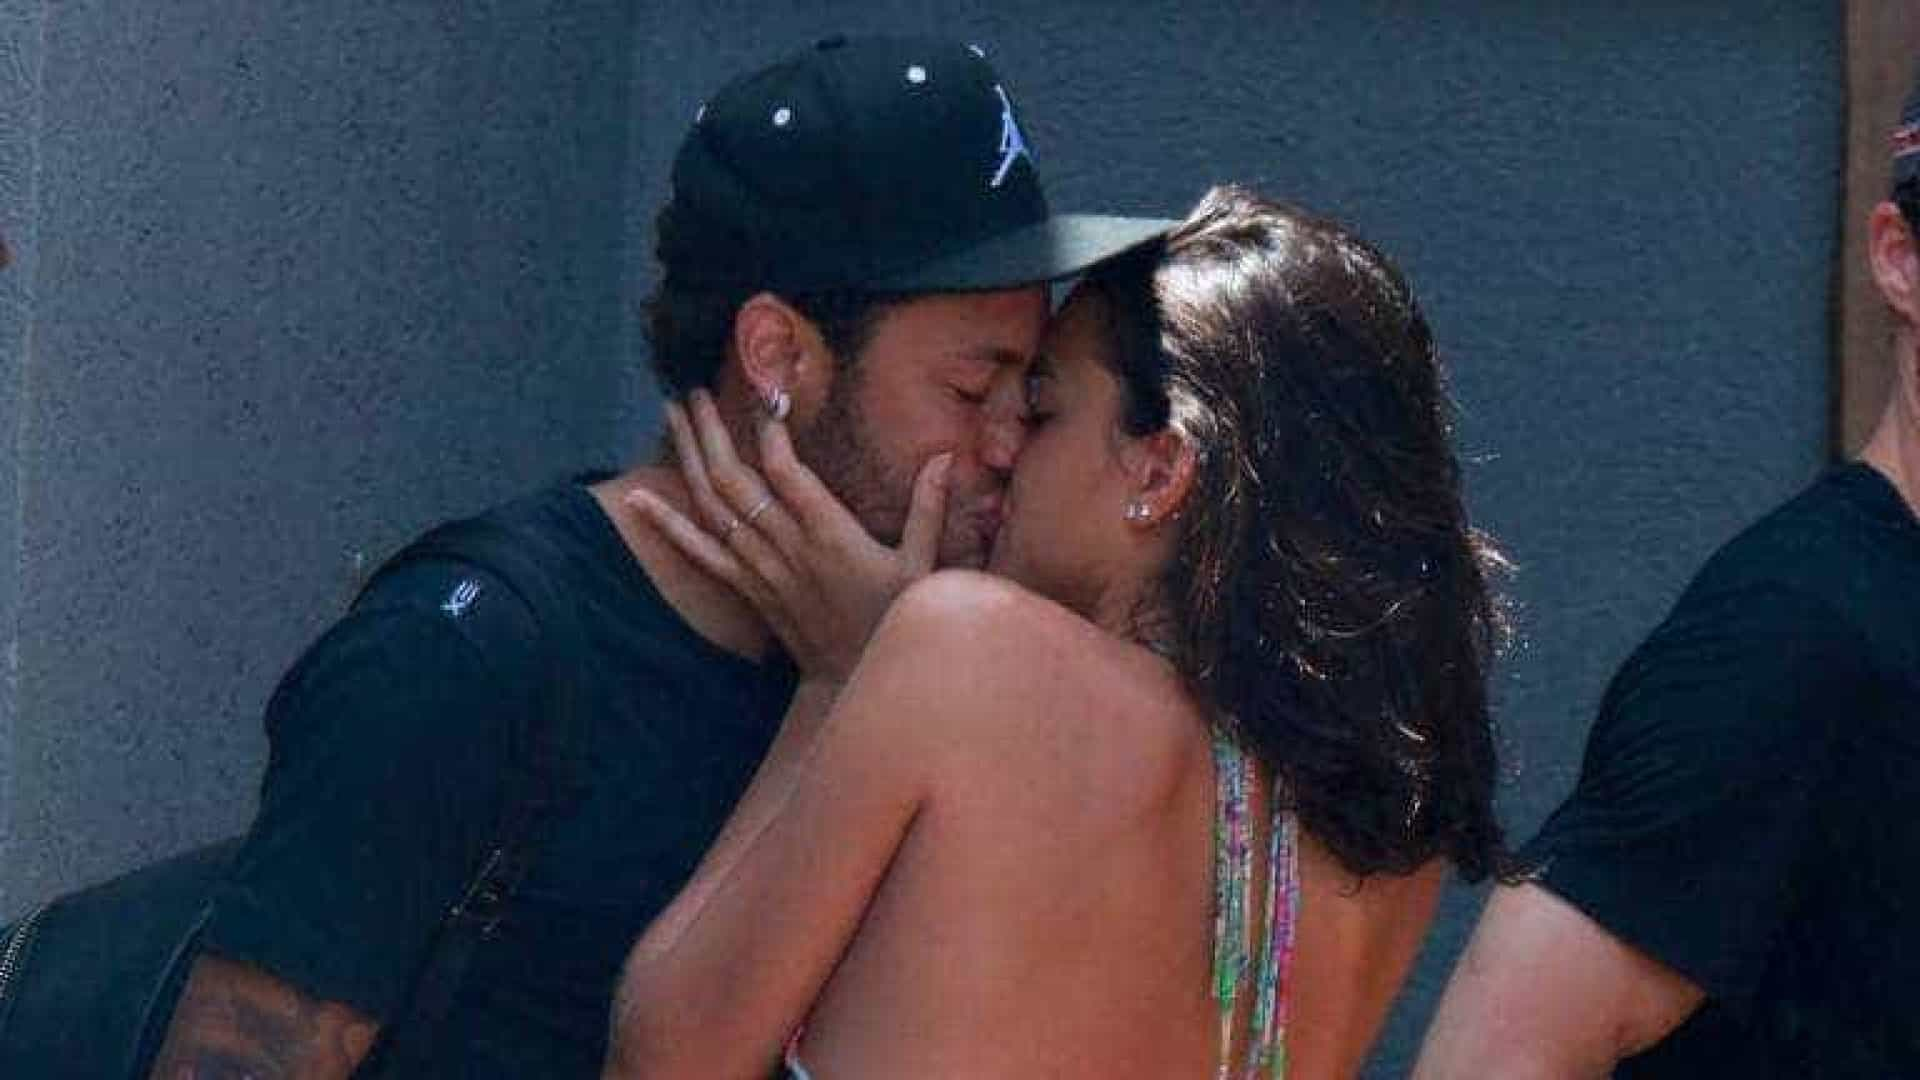 Neymar e Marquezine podem se separar mais uma vez, diz astróloga